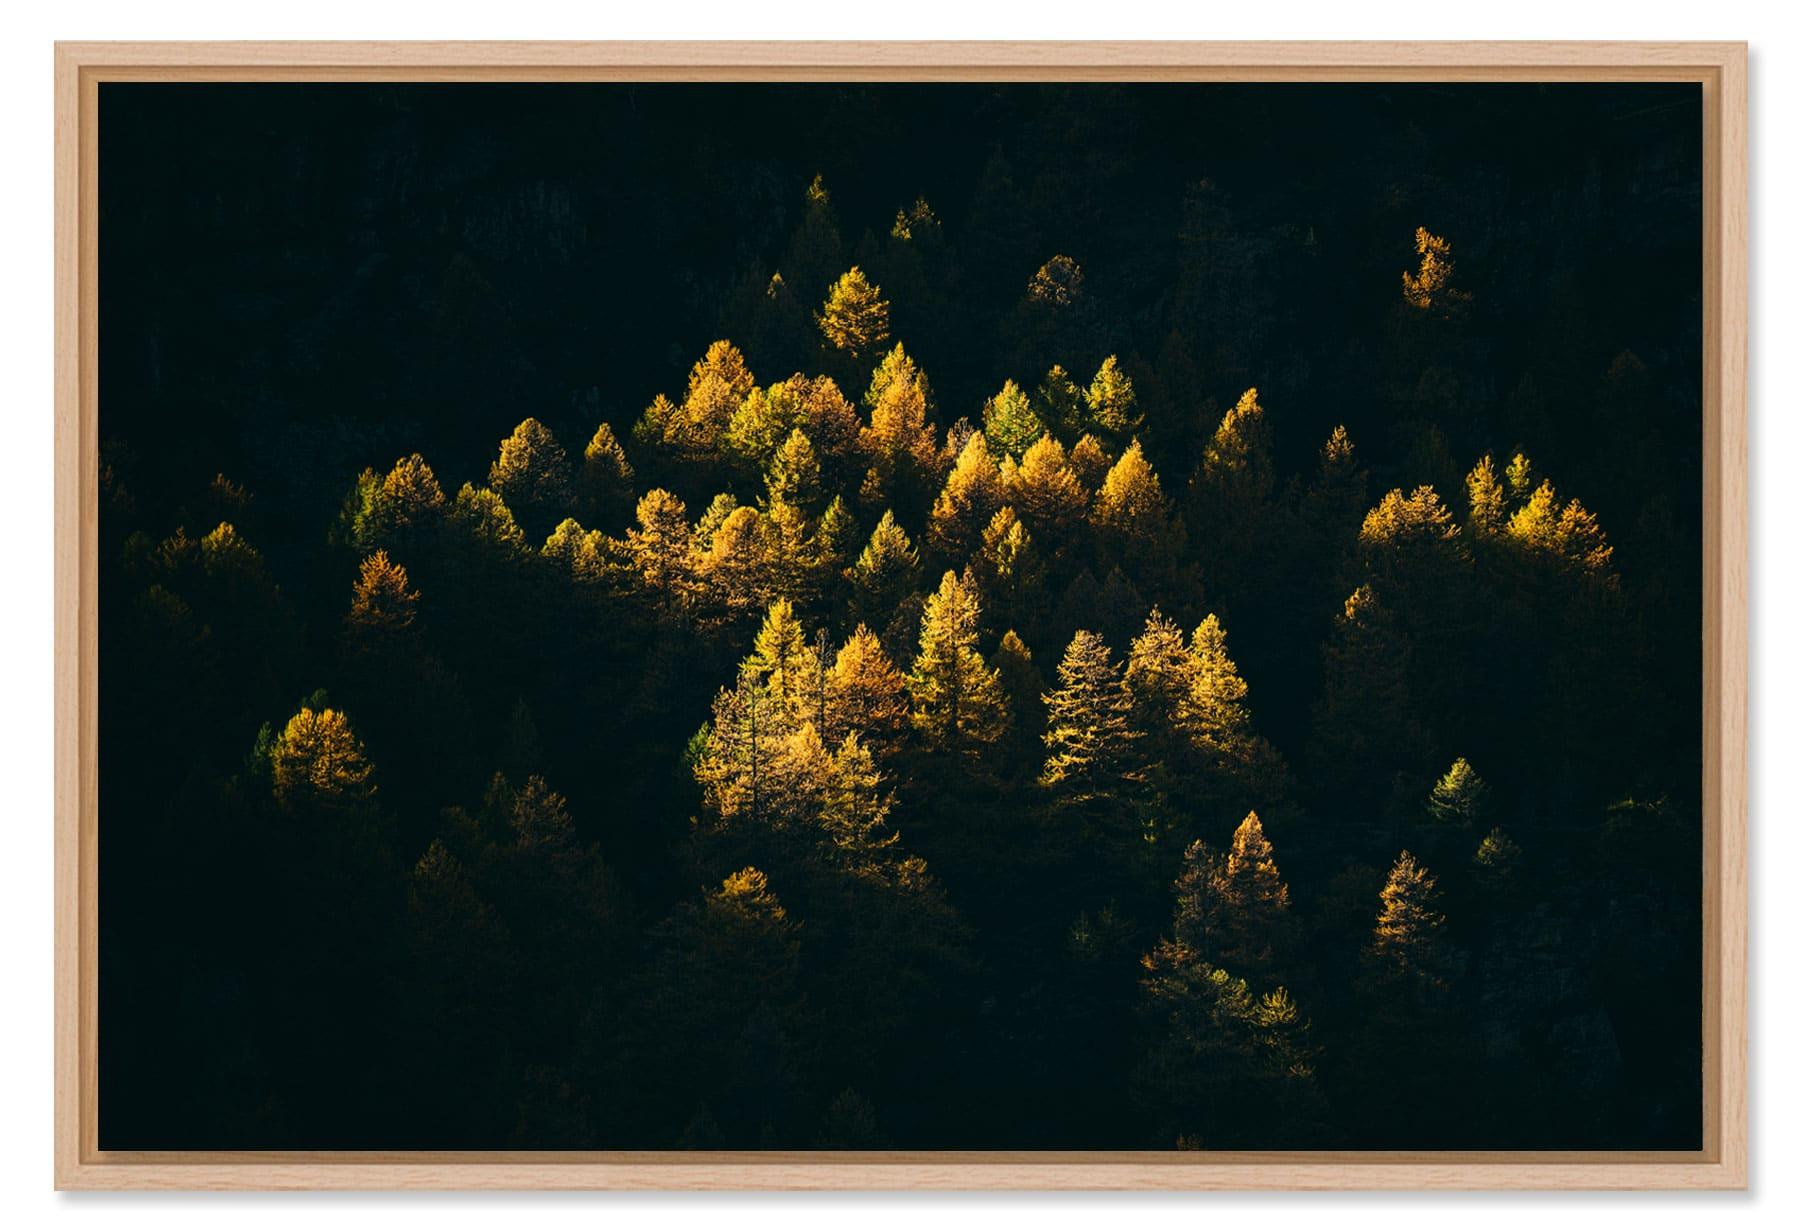 Tirage photo Paysages Arbres et Végétaux.